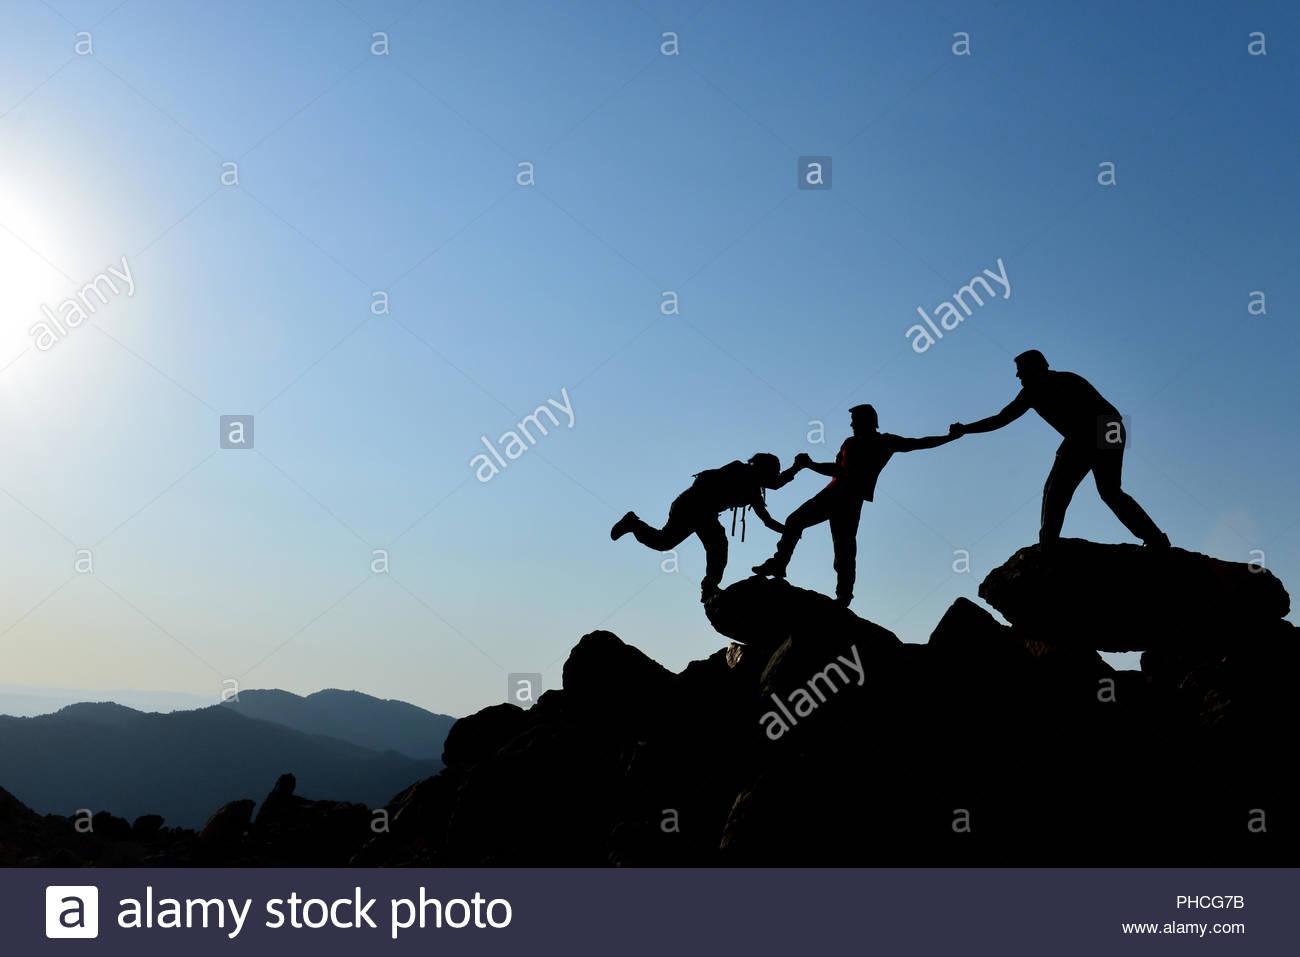 De l'aide, le soutien, et l'esprit d'équipe Photo Stock